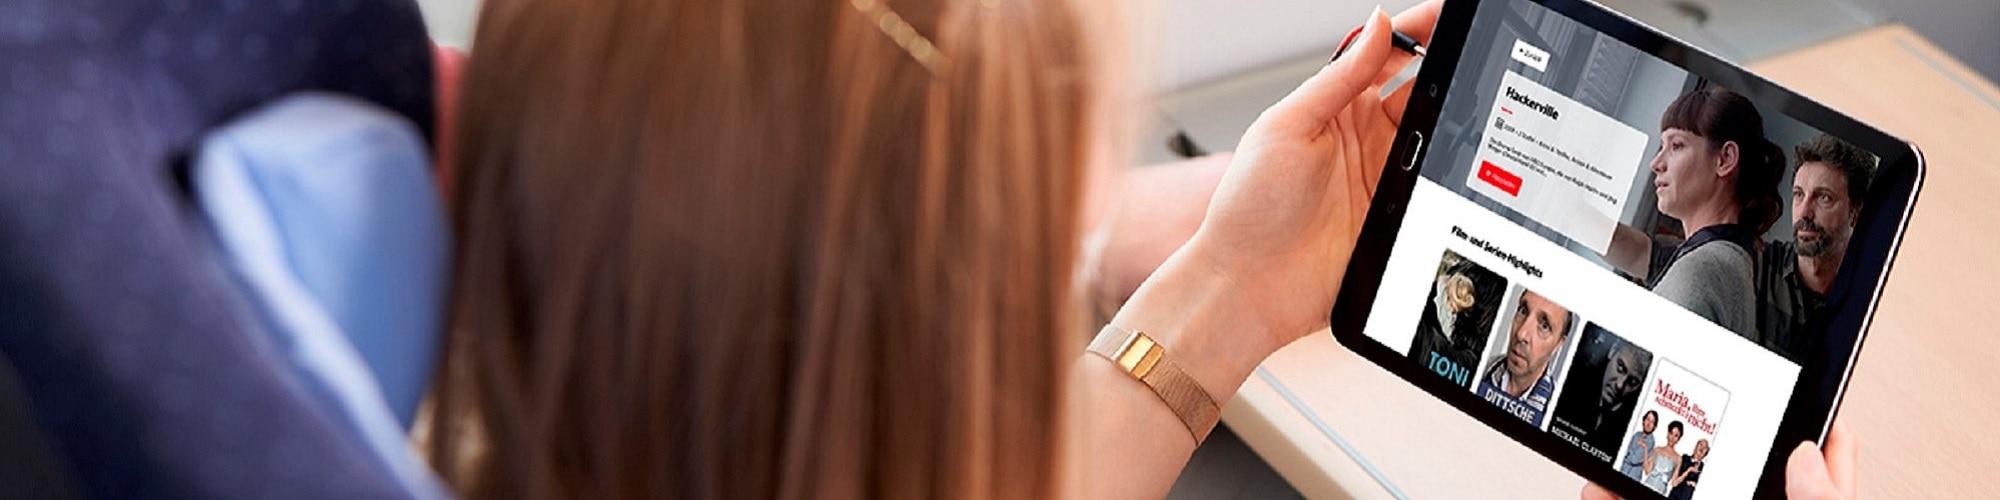 Tablet und Smartphone bilden ICE Portal ab